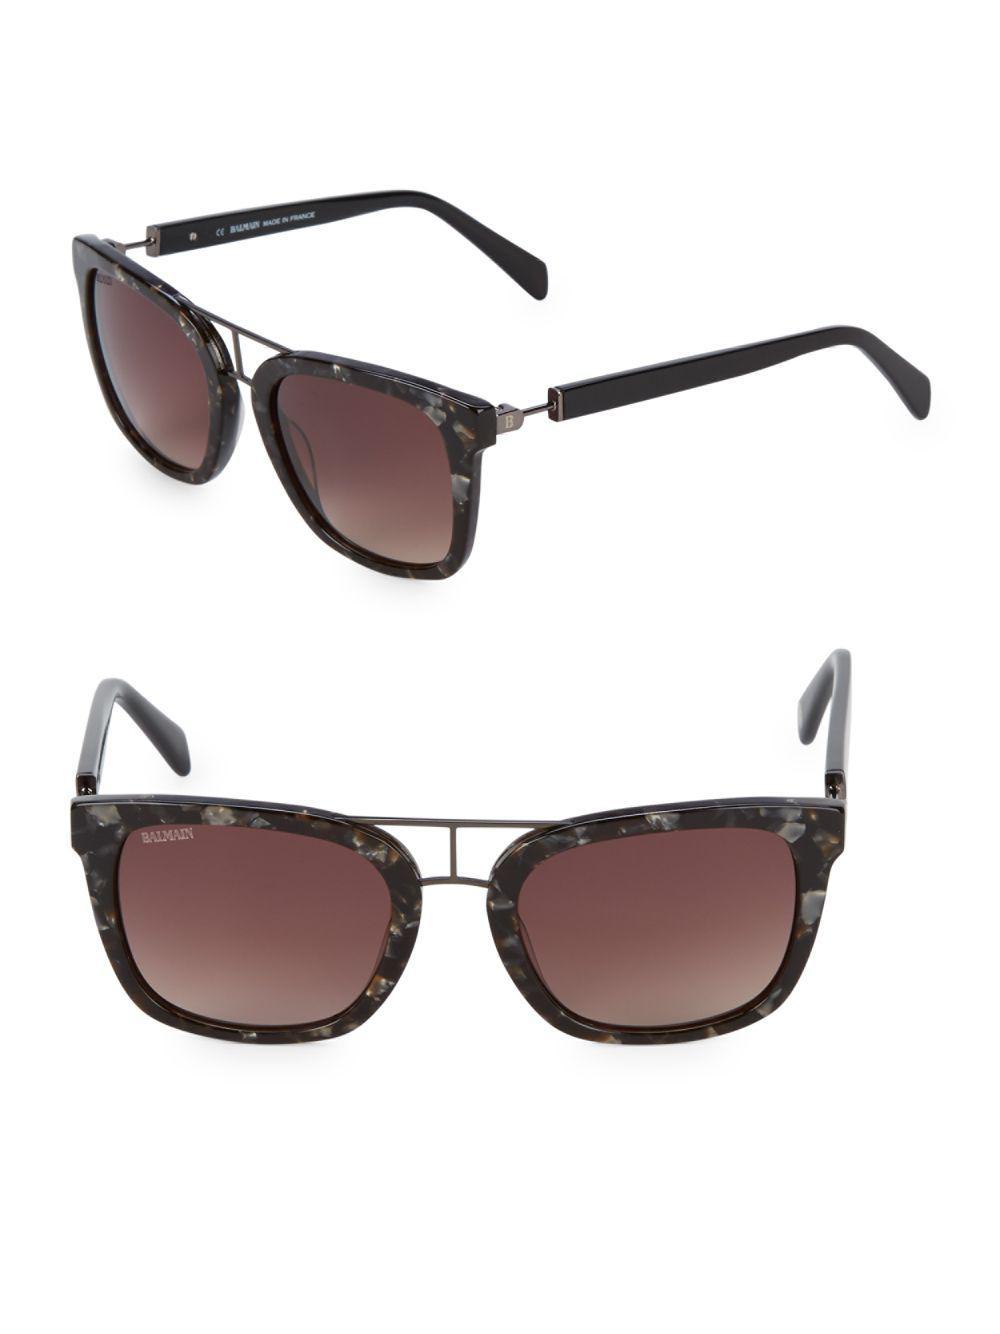 4e04da51b5803 Lyst - Balmain 52mm Cateye Sunglasses in Black